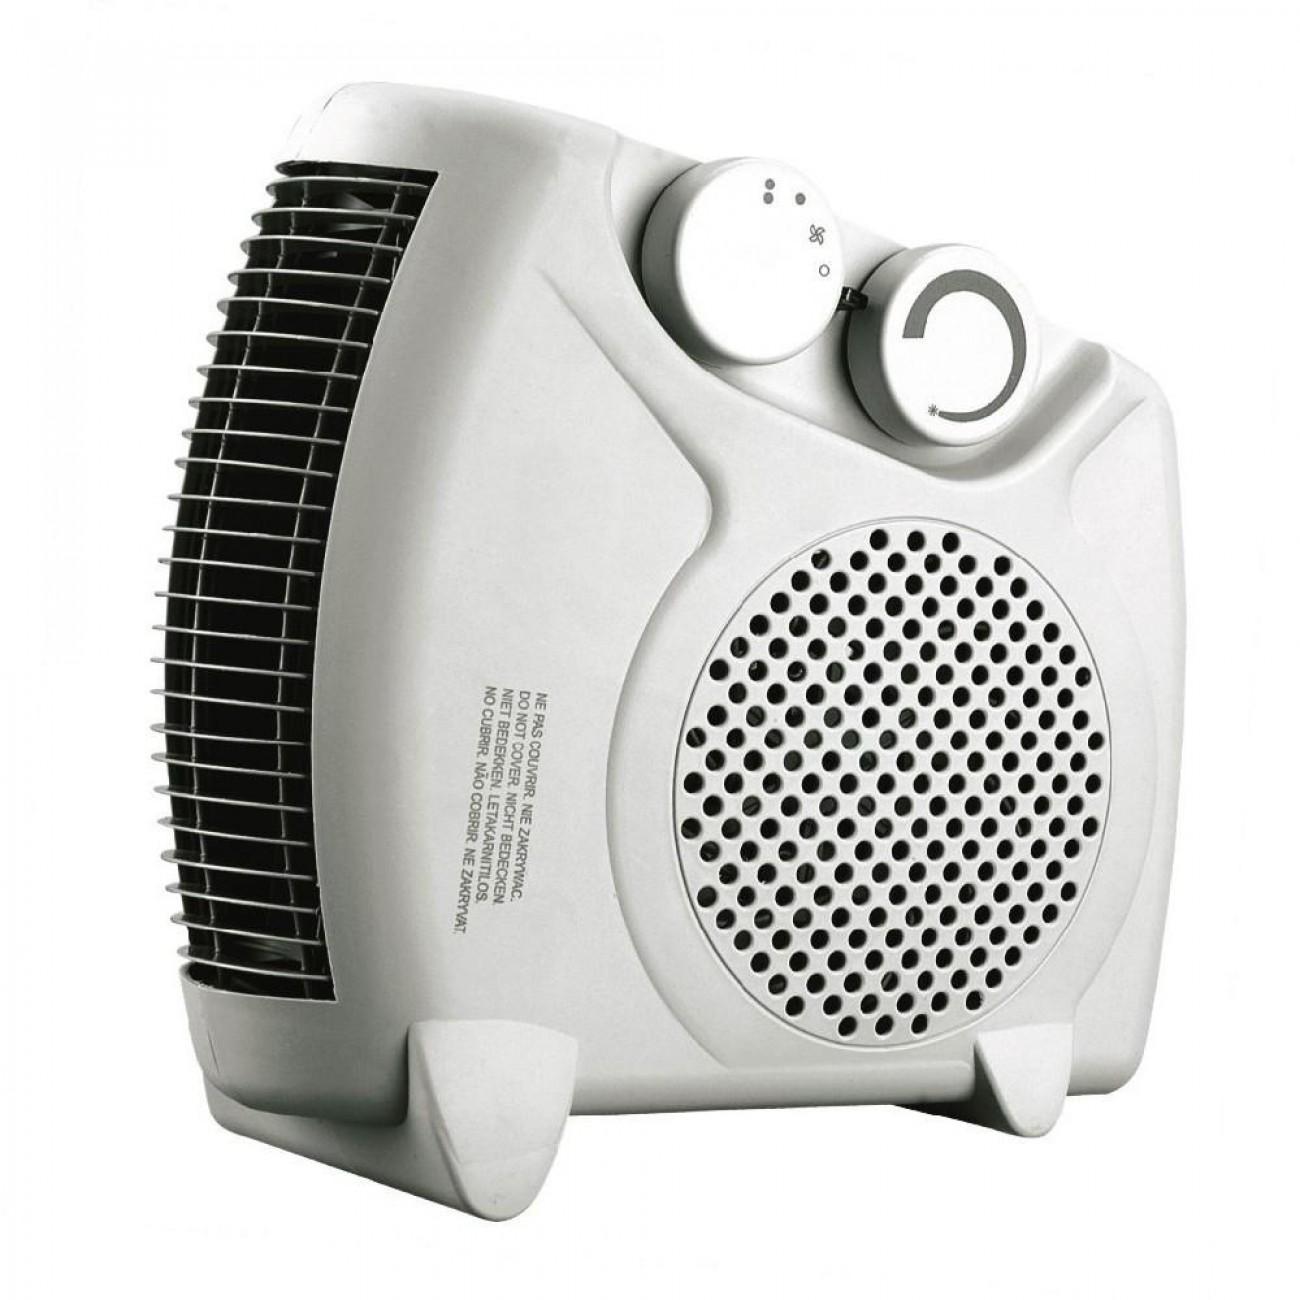 Вентилаторна печка - духалка SAPIR SP 1970 F, 2000W, 3 степени, Отопление/Охлаждане в Вентилаторни печки - духалки - SAPIR | Alleop